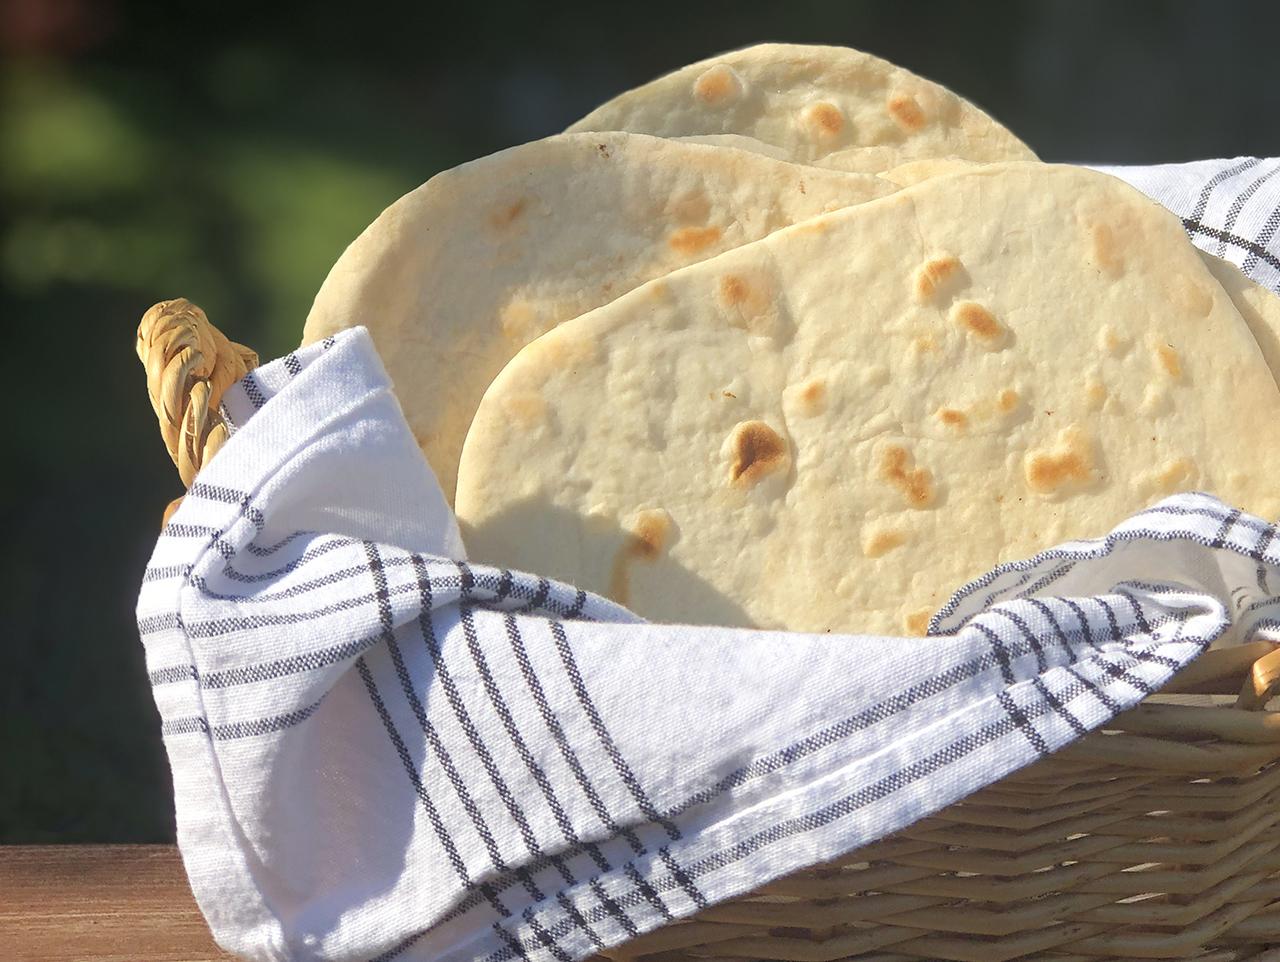 vegan flat bread in a basket